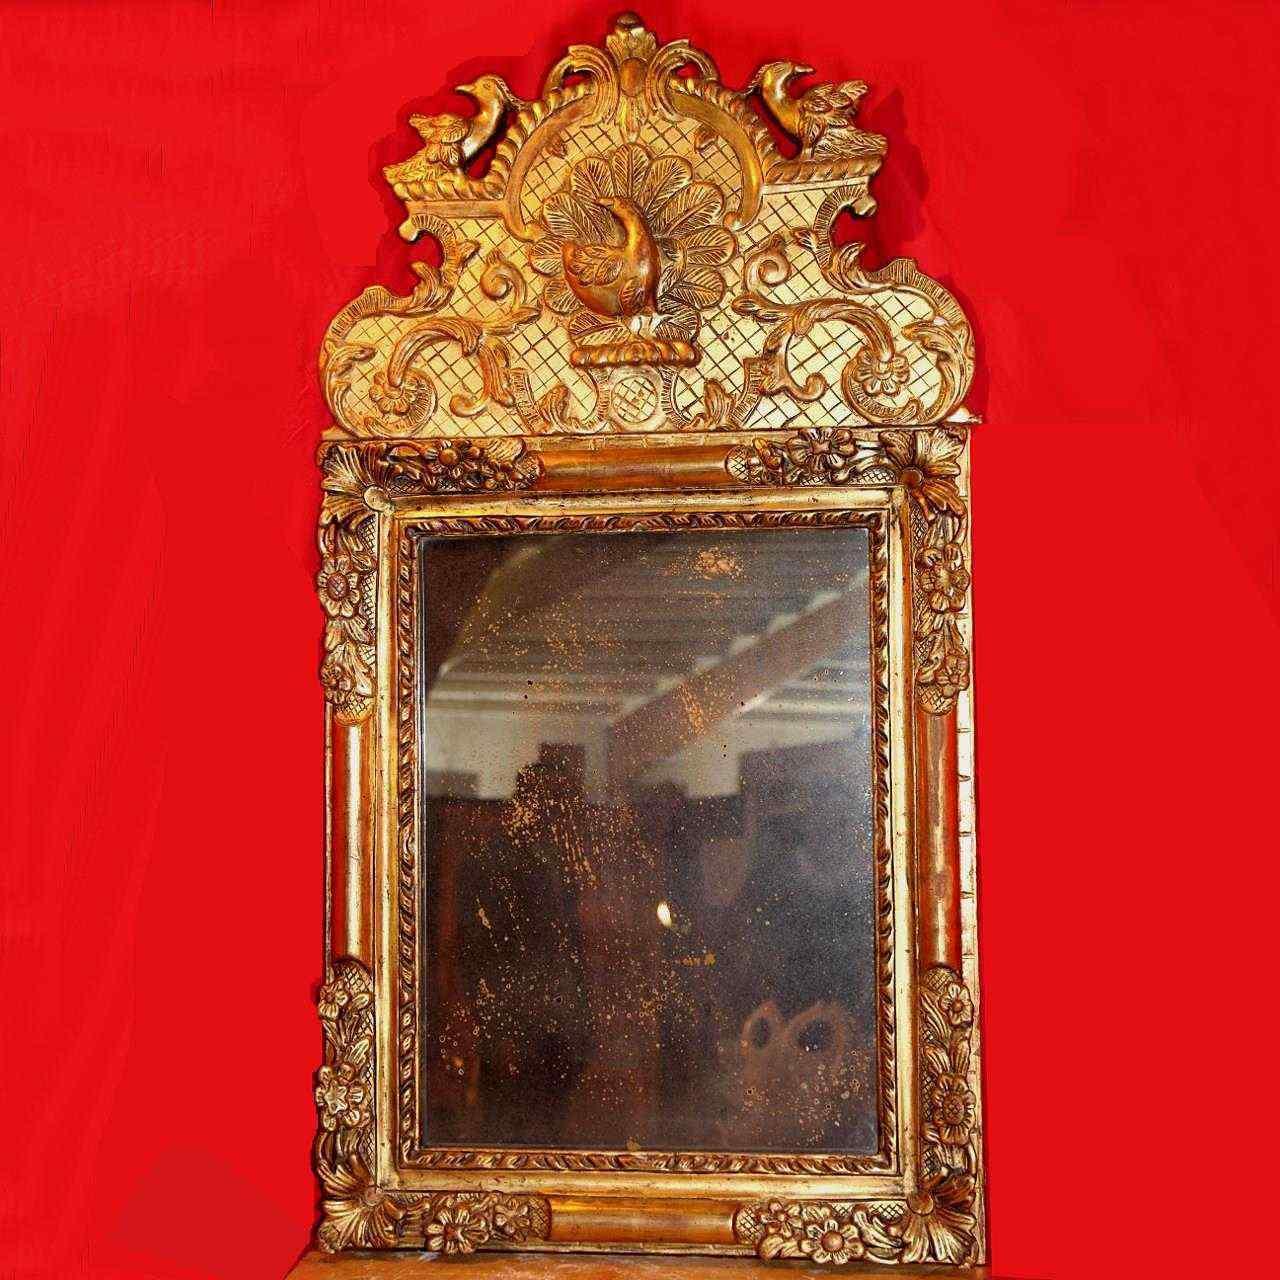 Specchio antico in legno dorato xviii secolo anticswiss for Specchio antico rovinato